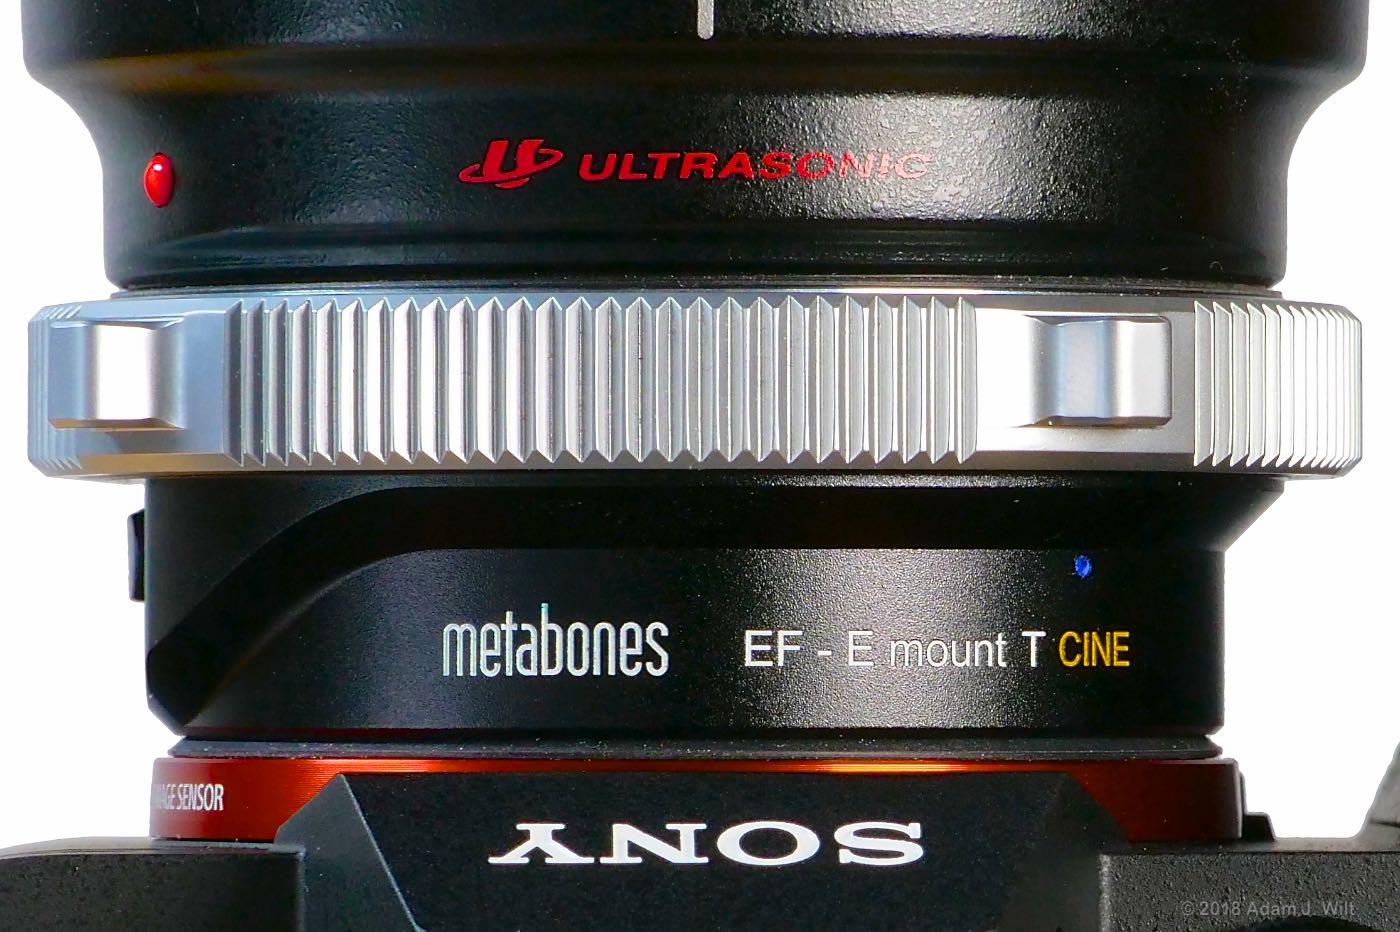 Metabones Ef to E mount T CINE adapter